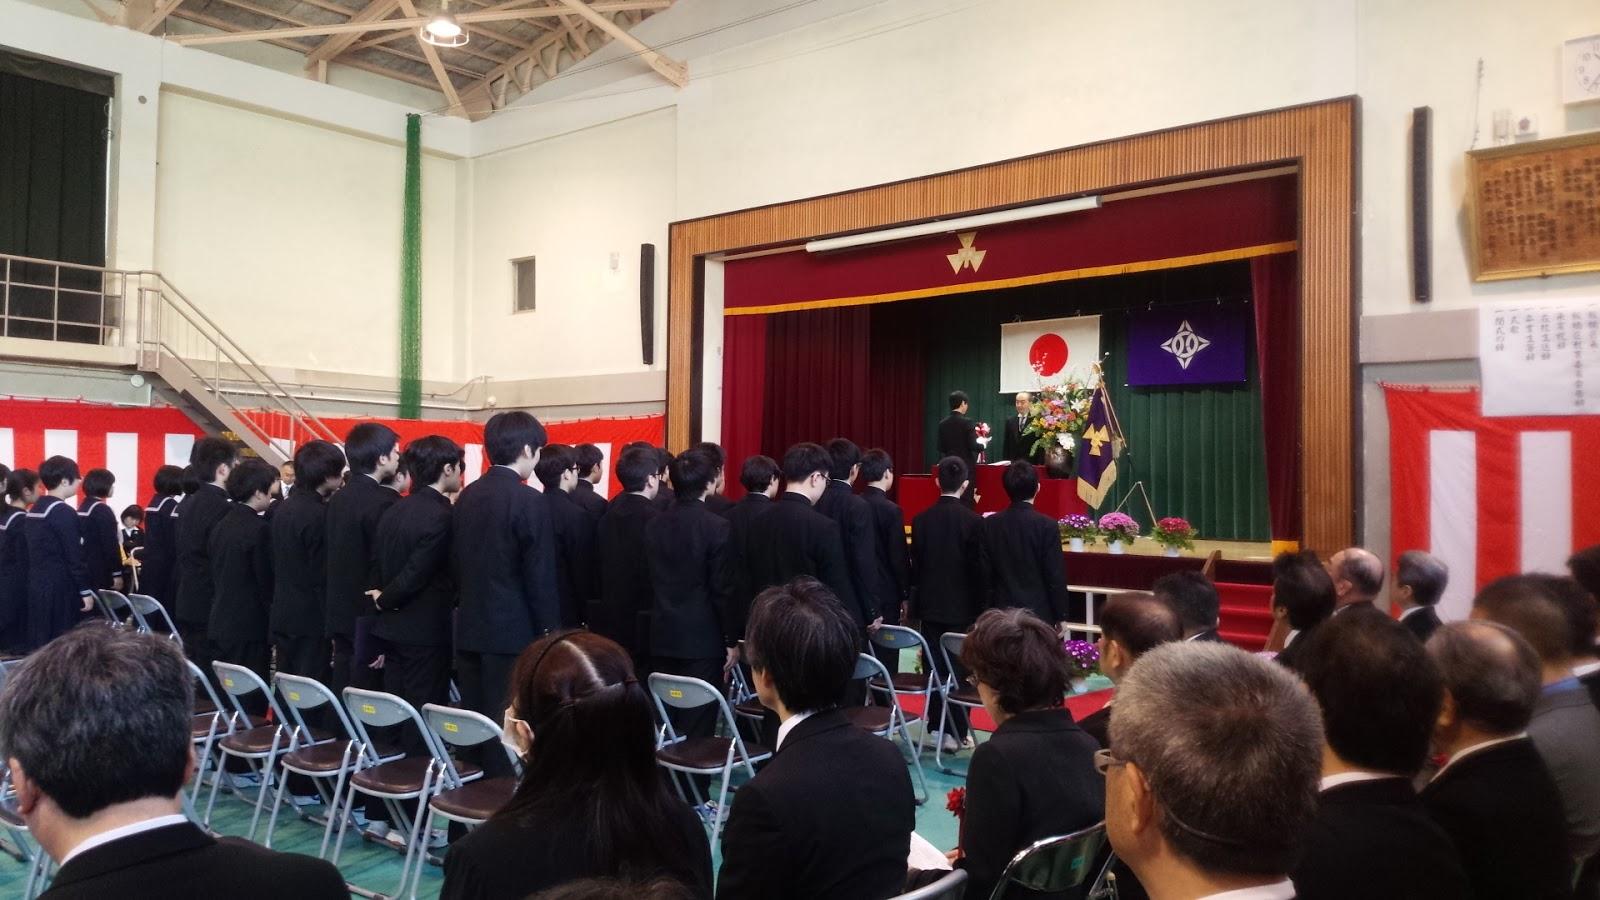 板橋区立志村第五中学校(板橋区) - 学校教育情 …